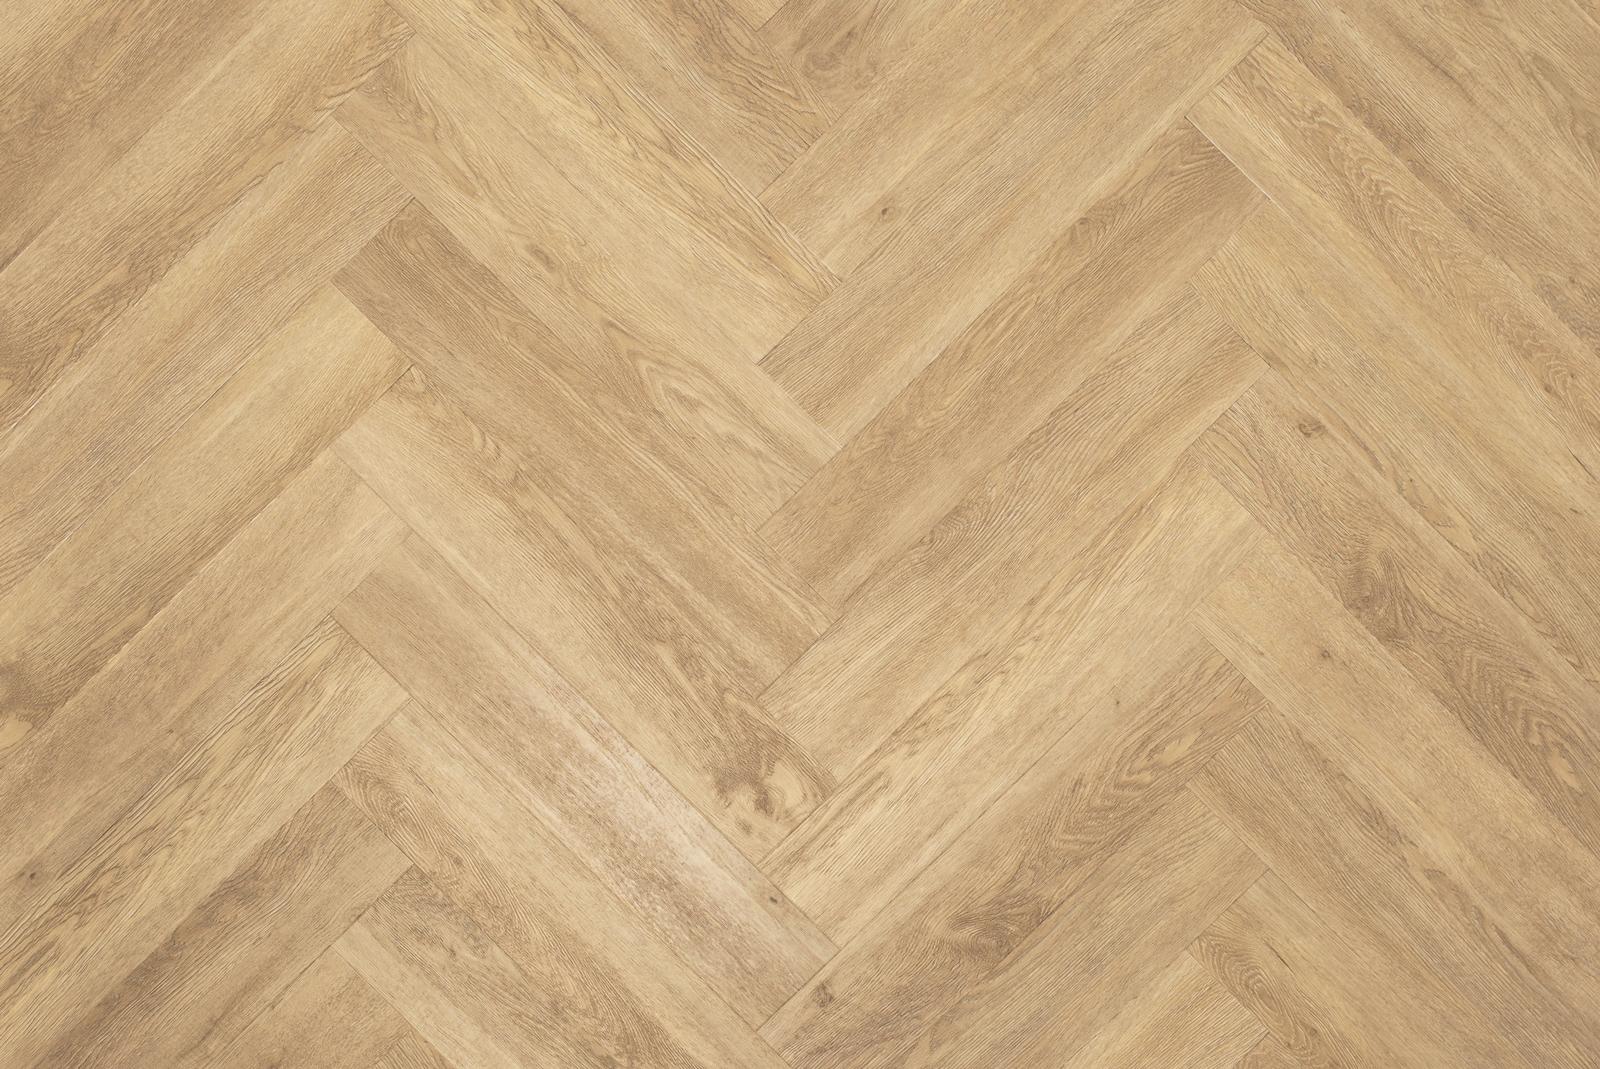 Houten Vloeren Roermond : Houten vloer op vloerverwarming voorstelling u huisdecoratie